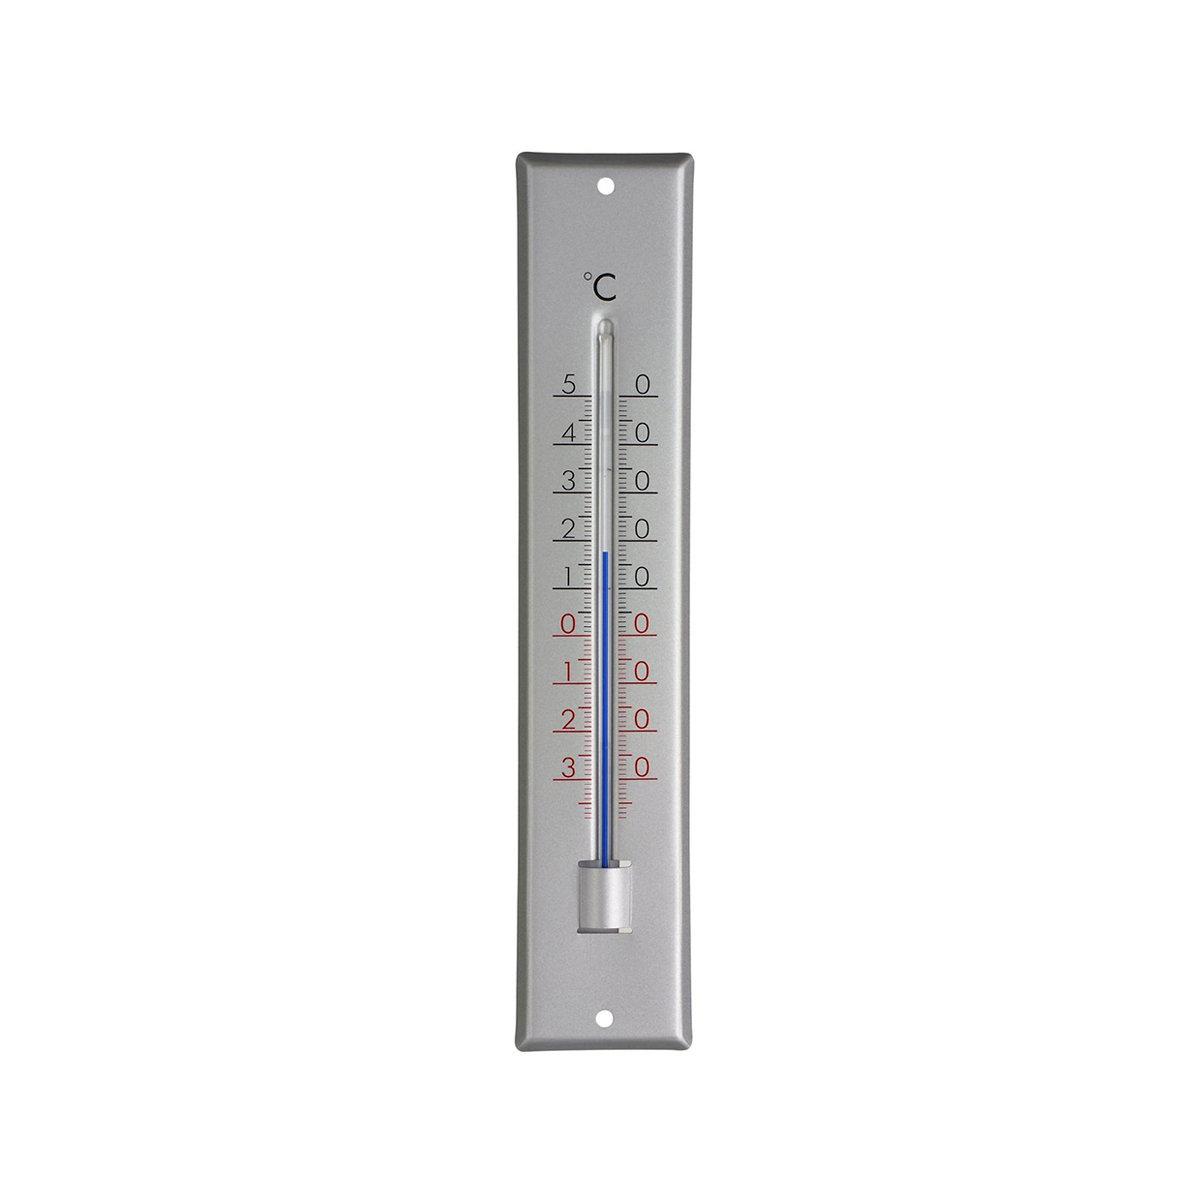 картинка спиртового термометра зафиксировать нарушителя